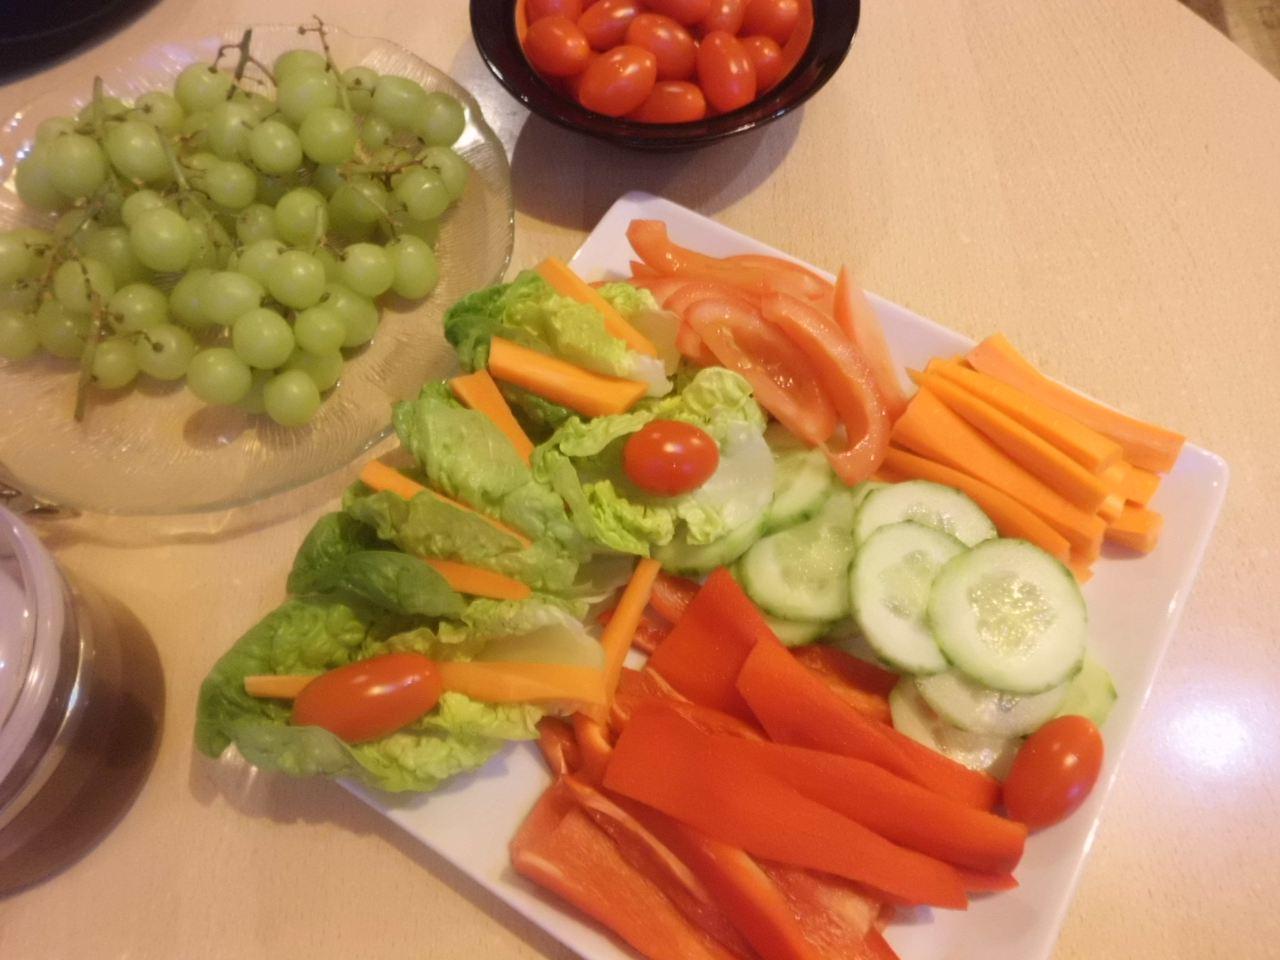 frischen Gemüse zum Zoppen